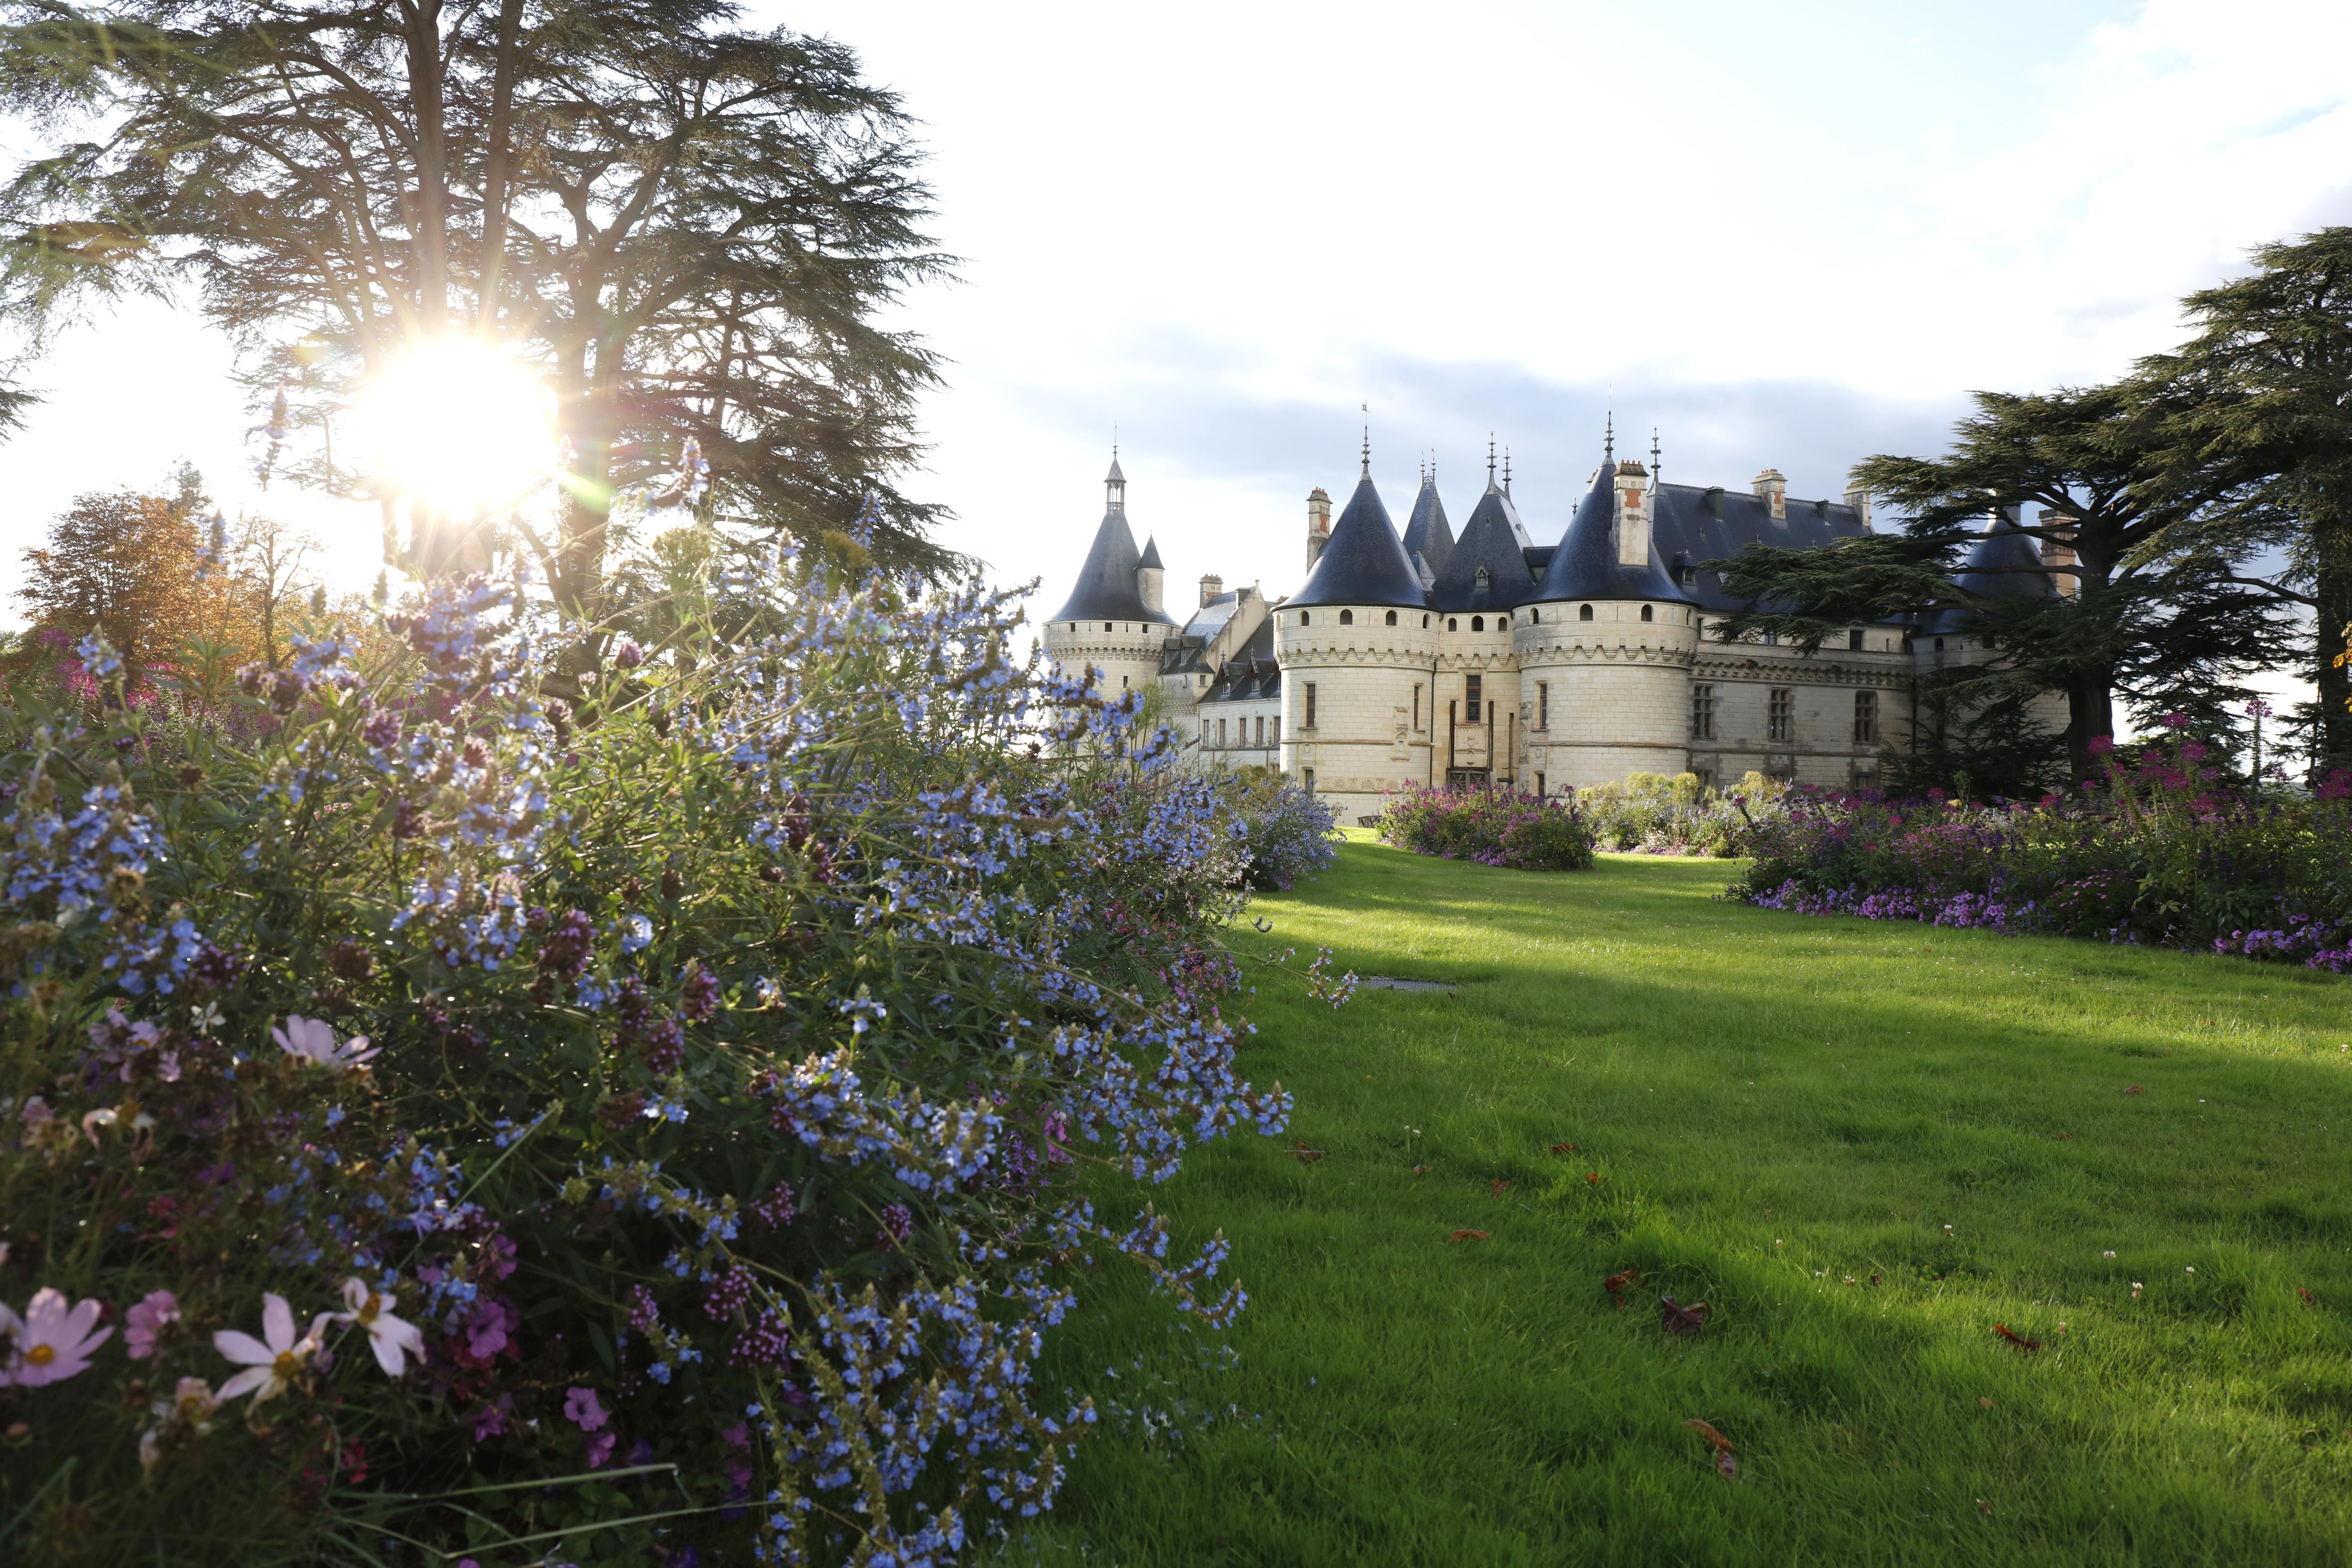 Vue du Château de Chaumont-sur-Loire, photo : Eric Sander